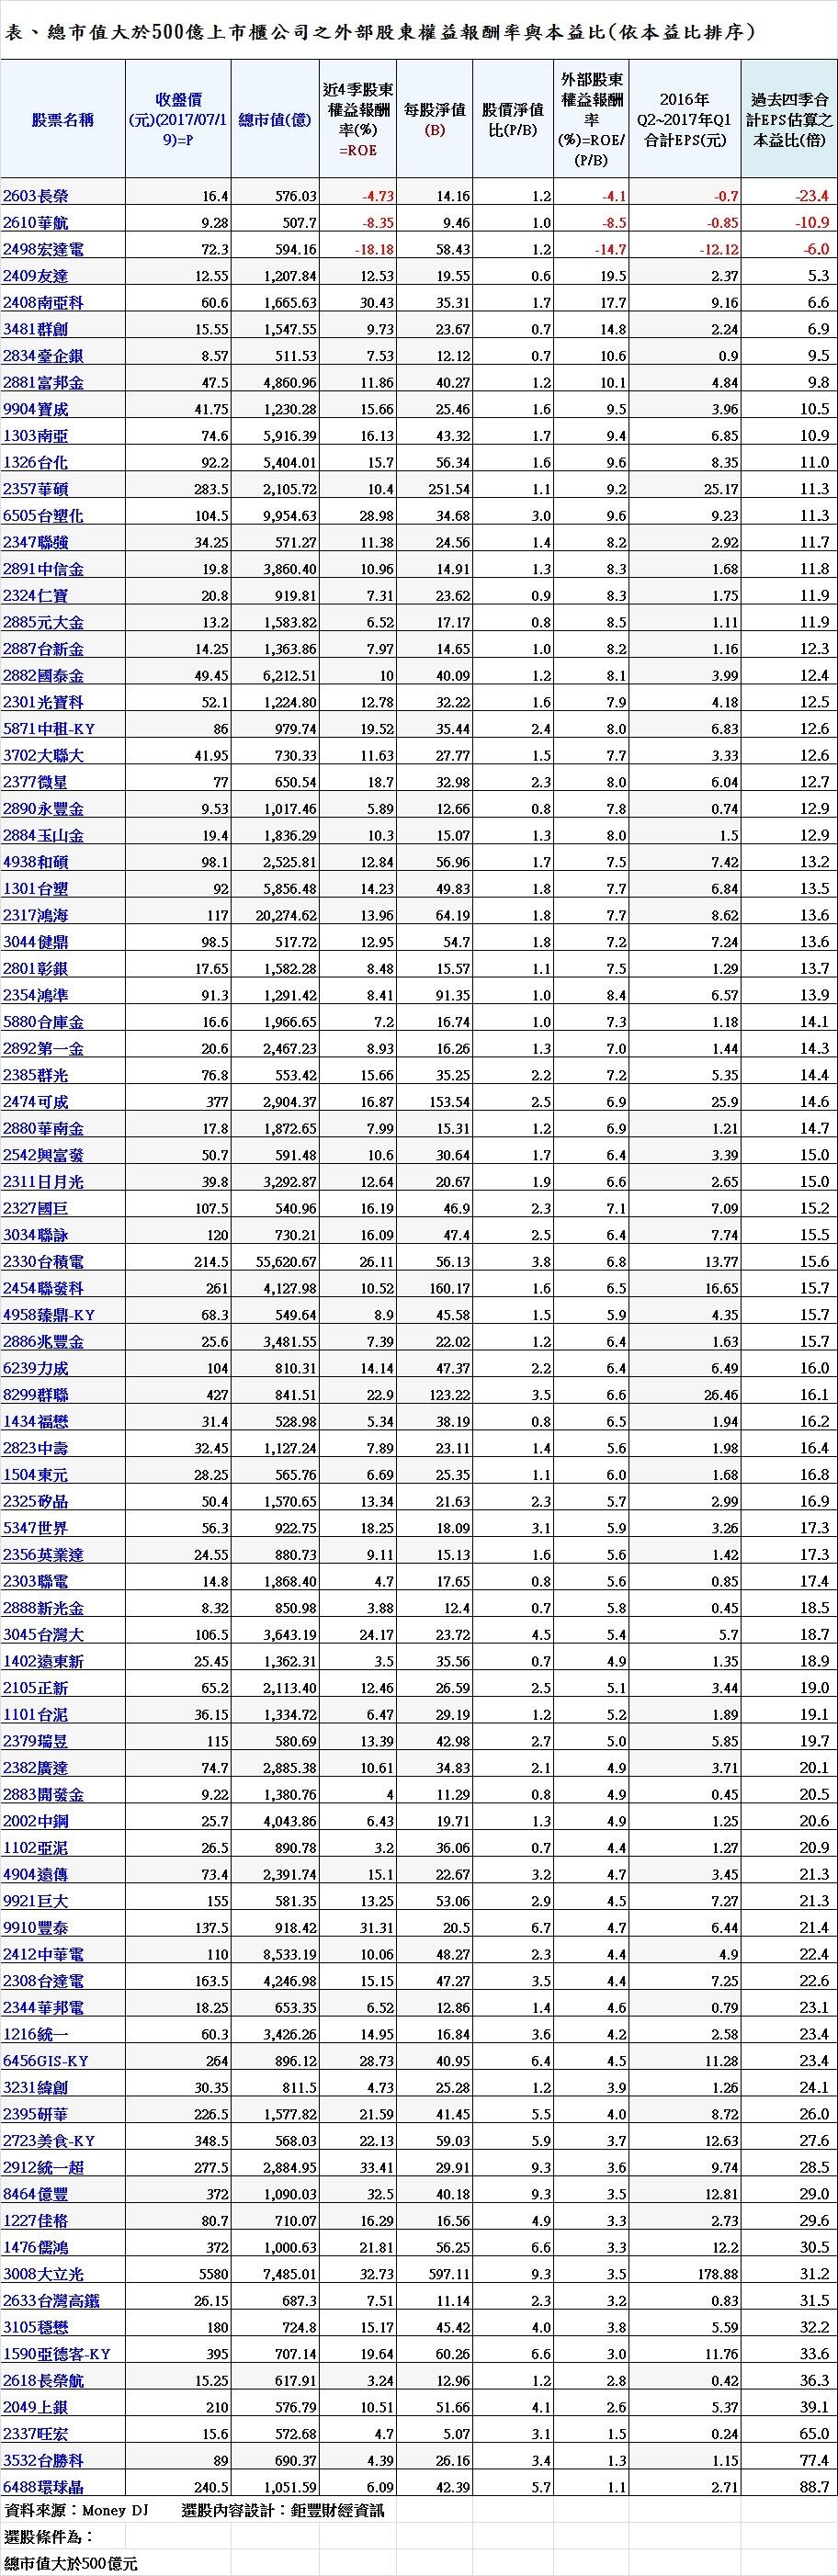 表、總市值大於500億上市櫃公司之外部股東權益報酬率與本益比(依本益比排序)